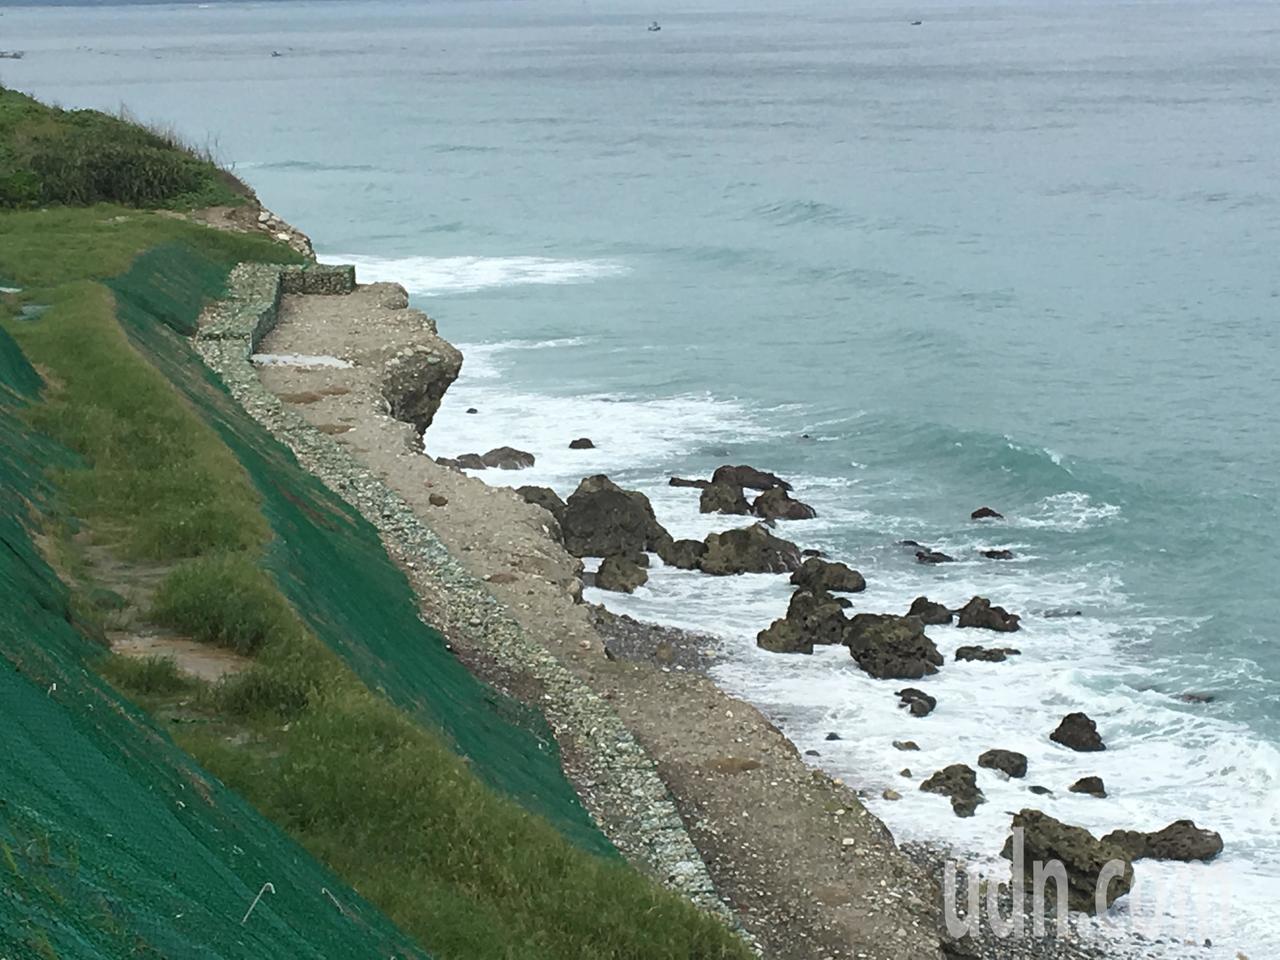 環保公園邊坡長期遭海浪侵蝕裸露,只要風浪大,垃圾與汙水就會漂入海中、汙染海洋。記...